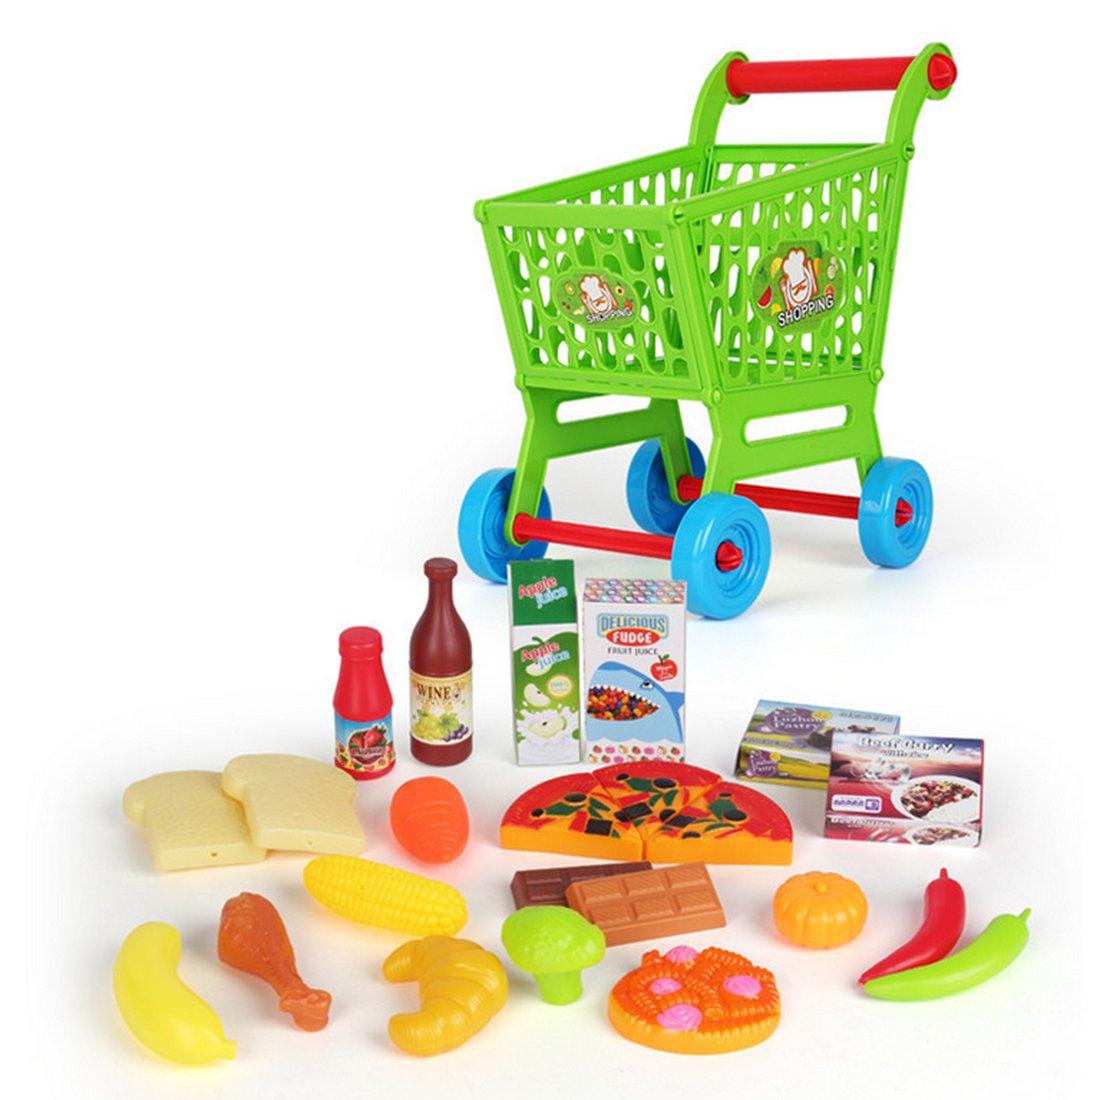 ショッピングカートおもちゃ、pinchuanghui ABS 24pcs Supermarket Pretend Playショッピングカートおもちゃセット子供ホーム教育おもちゃ   B078C5V4PQ